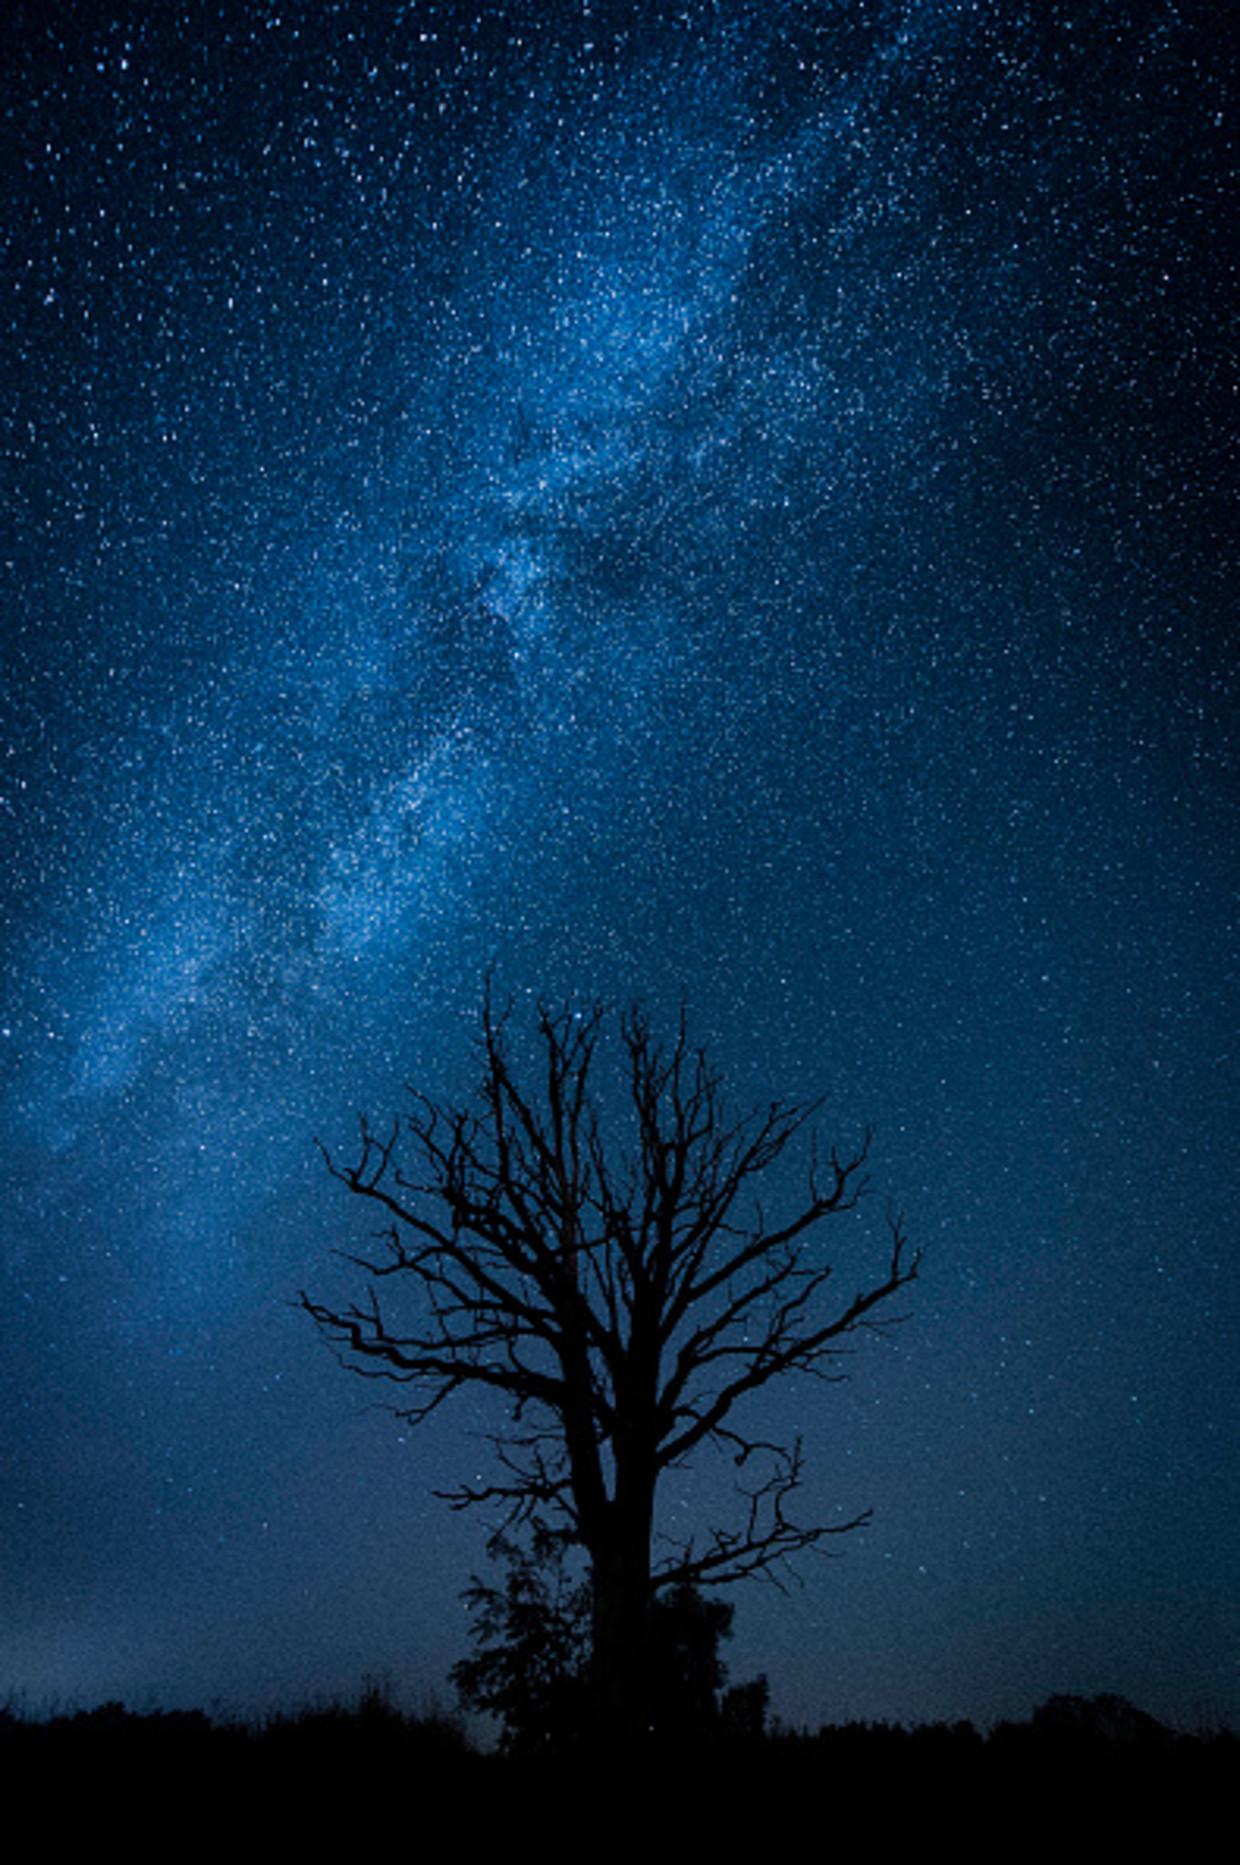 Een dode boom, met op de achtergrond de Melkweg.